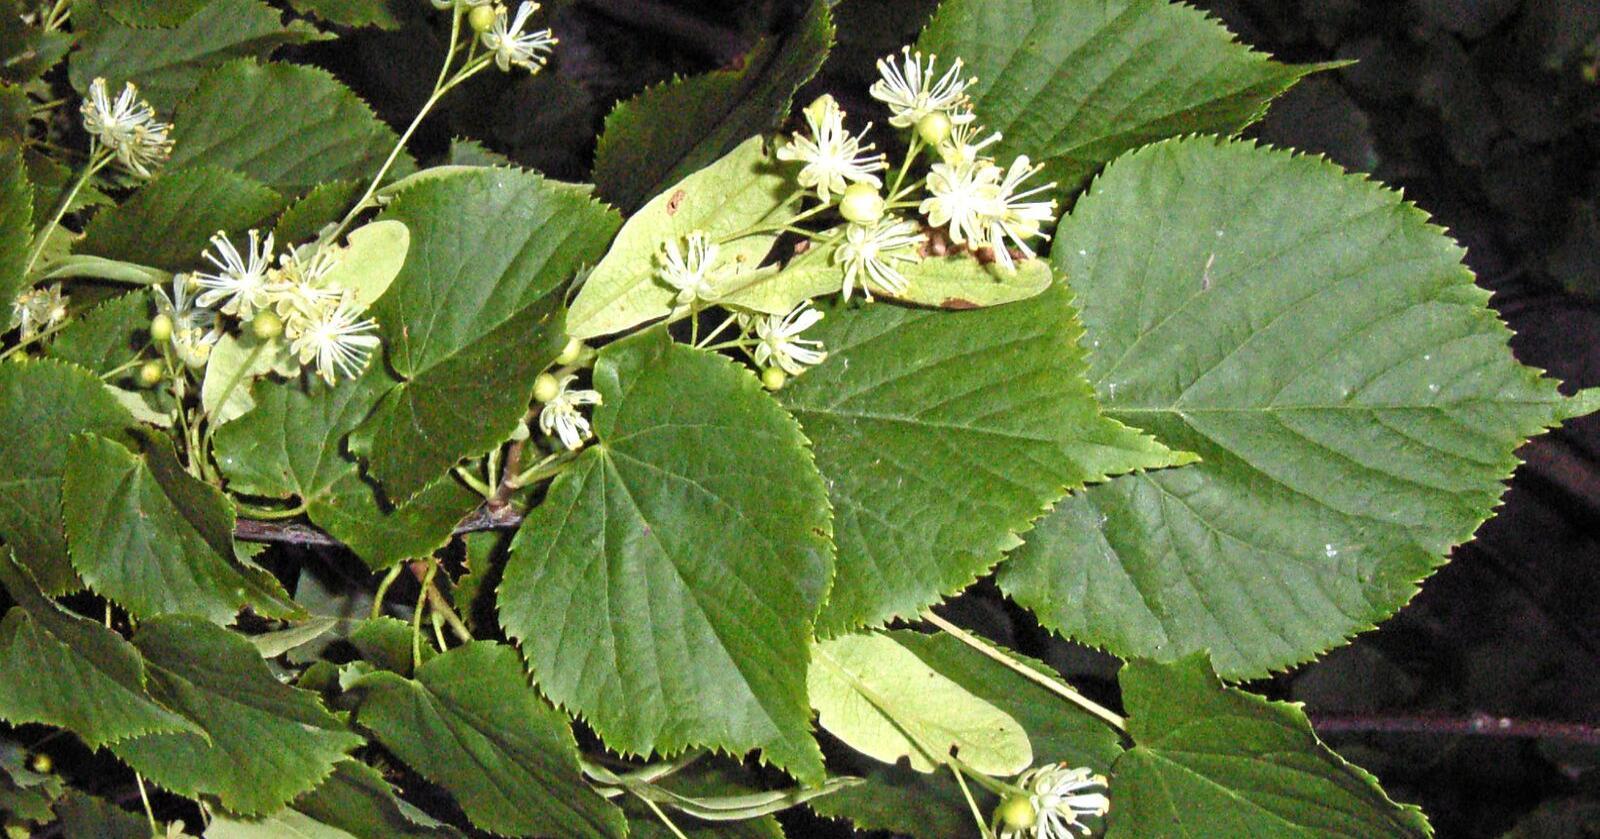 Pop hos bier: Lind har blomster som er populære hos honningbier og andre insekter. Foto: Åsmund Asdal